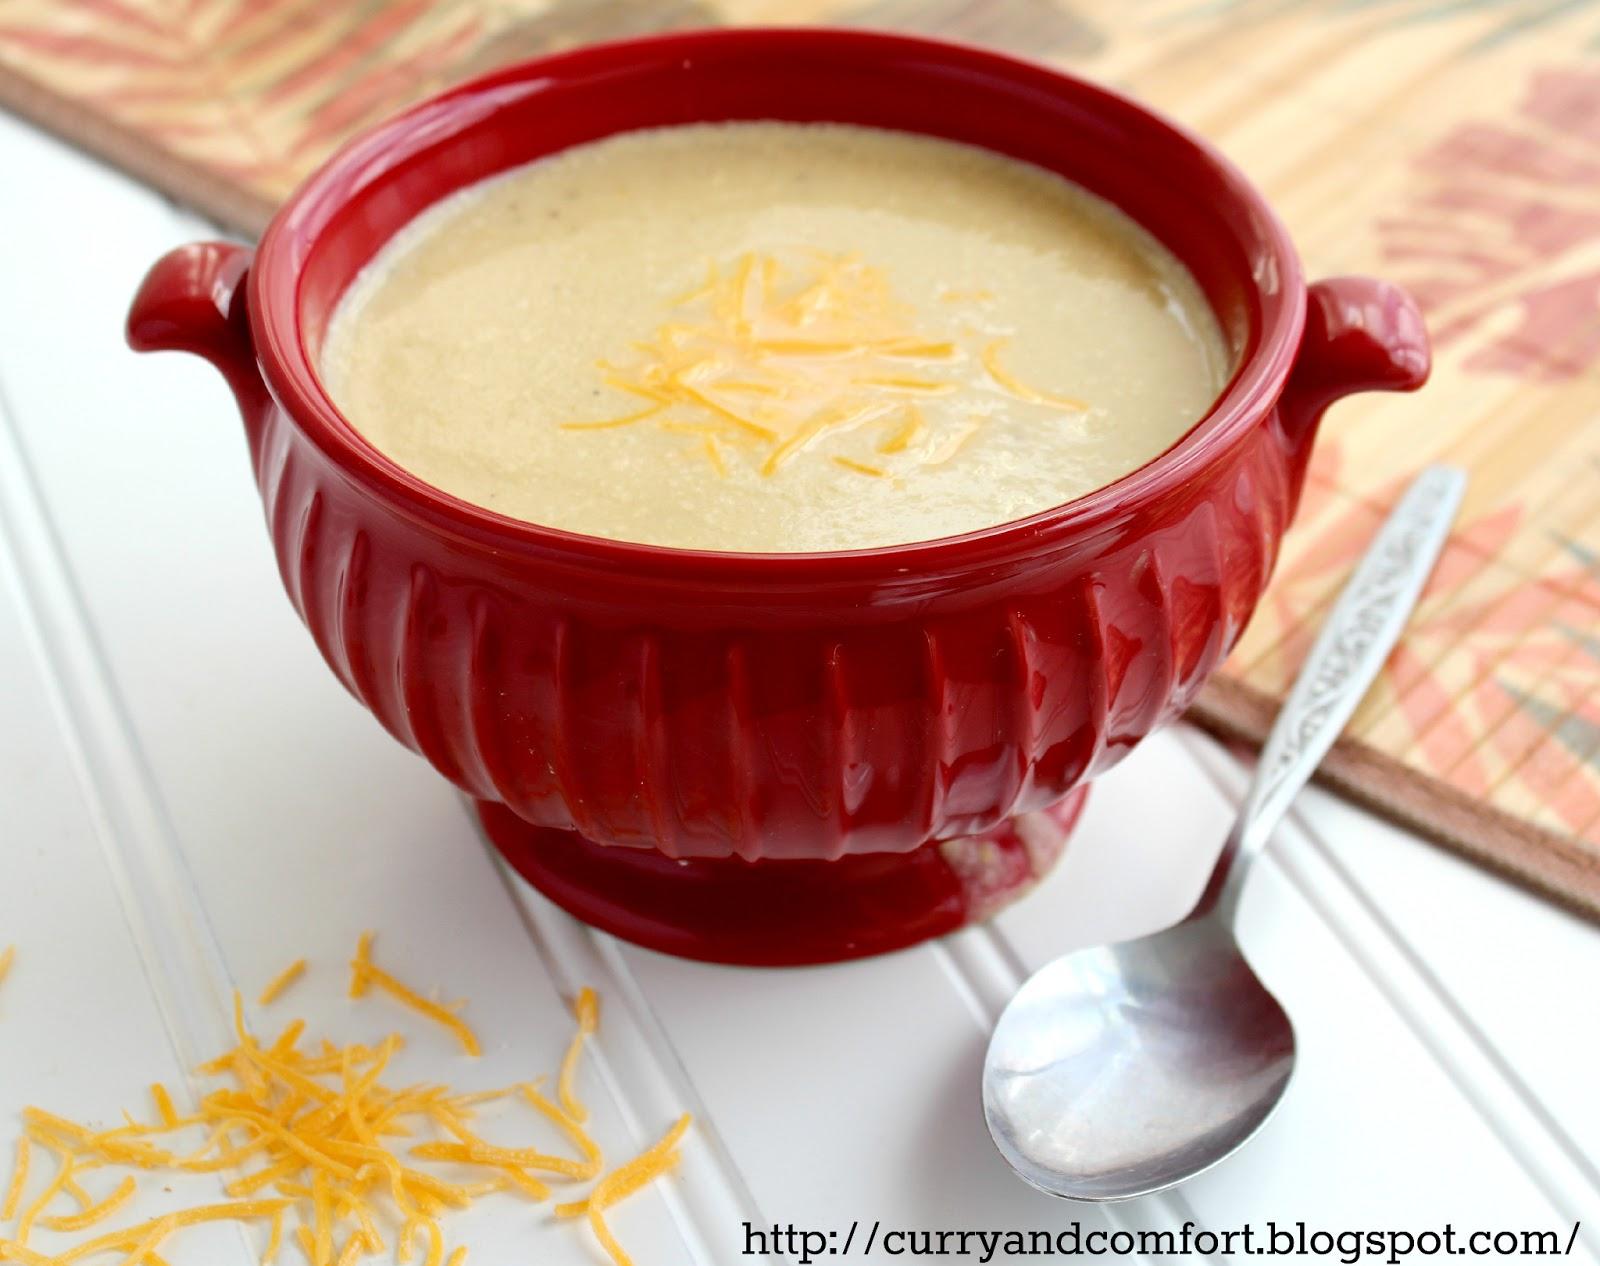 Kitchen Simmer: Creamy Cauliflower Cheddar Cheese Soup